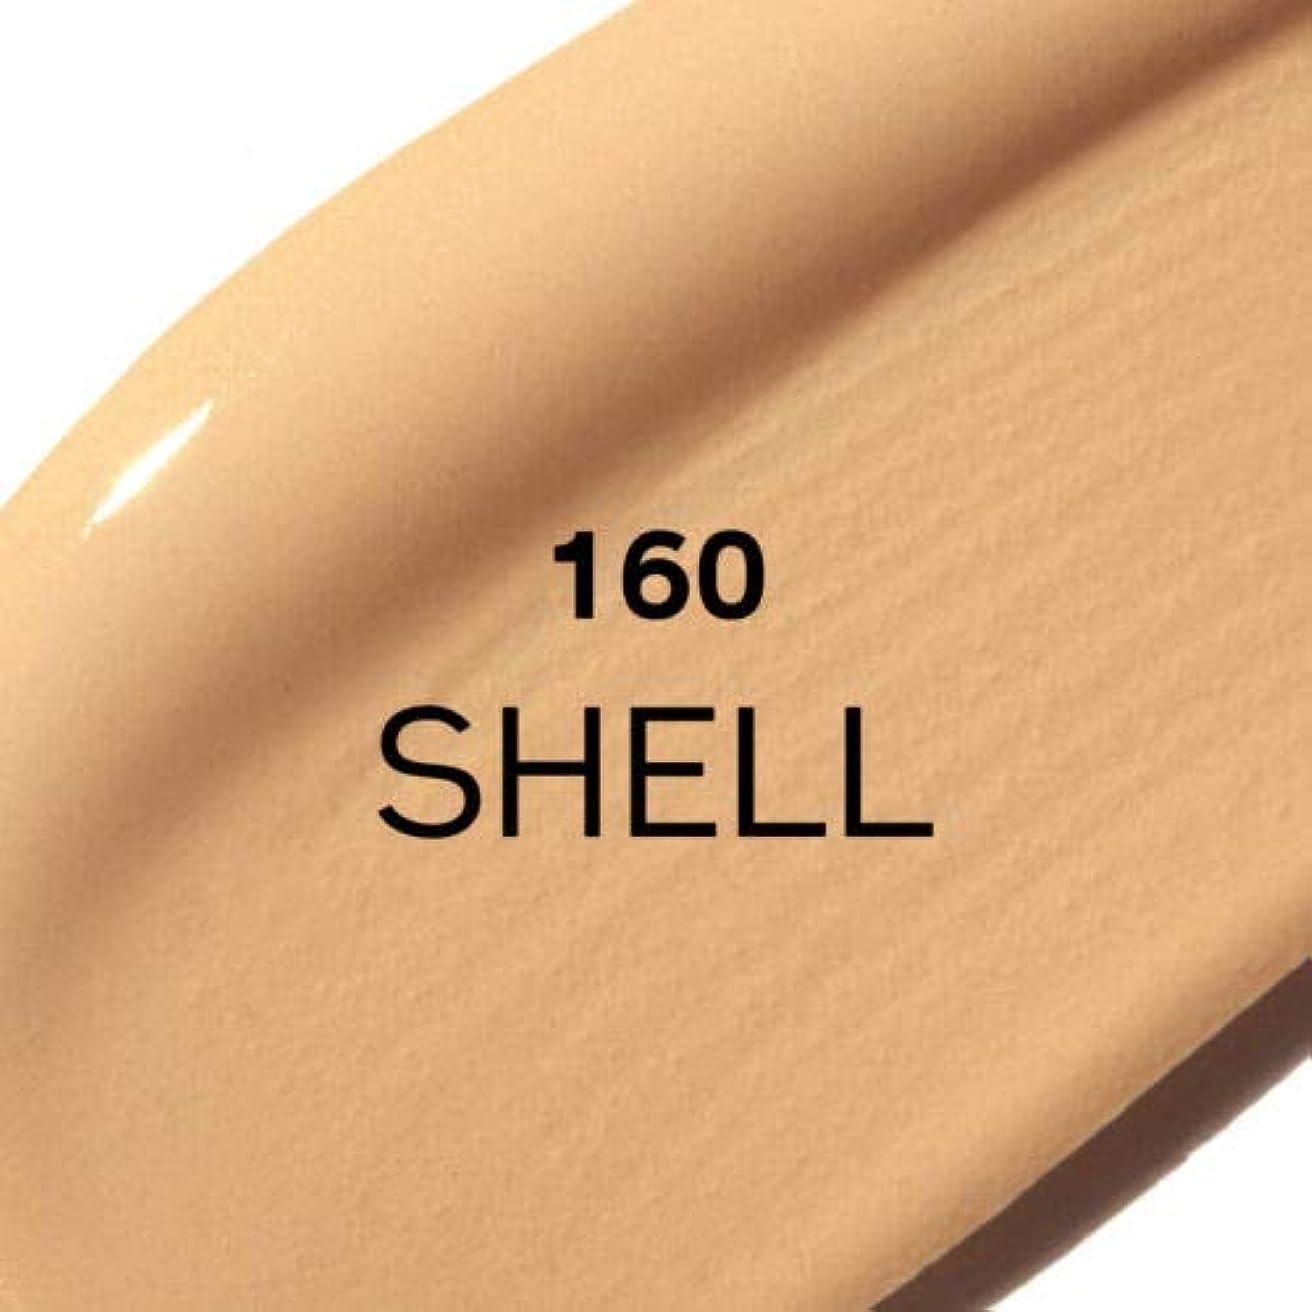 特定のロンドン修道院SHISEIDO 資生堂 シンクロスキン セルフリフレッシング ファンデーション - 2019年新商品 (160 Shell)